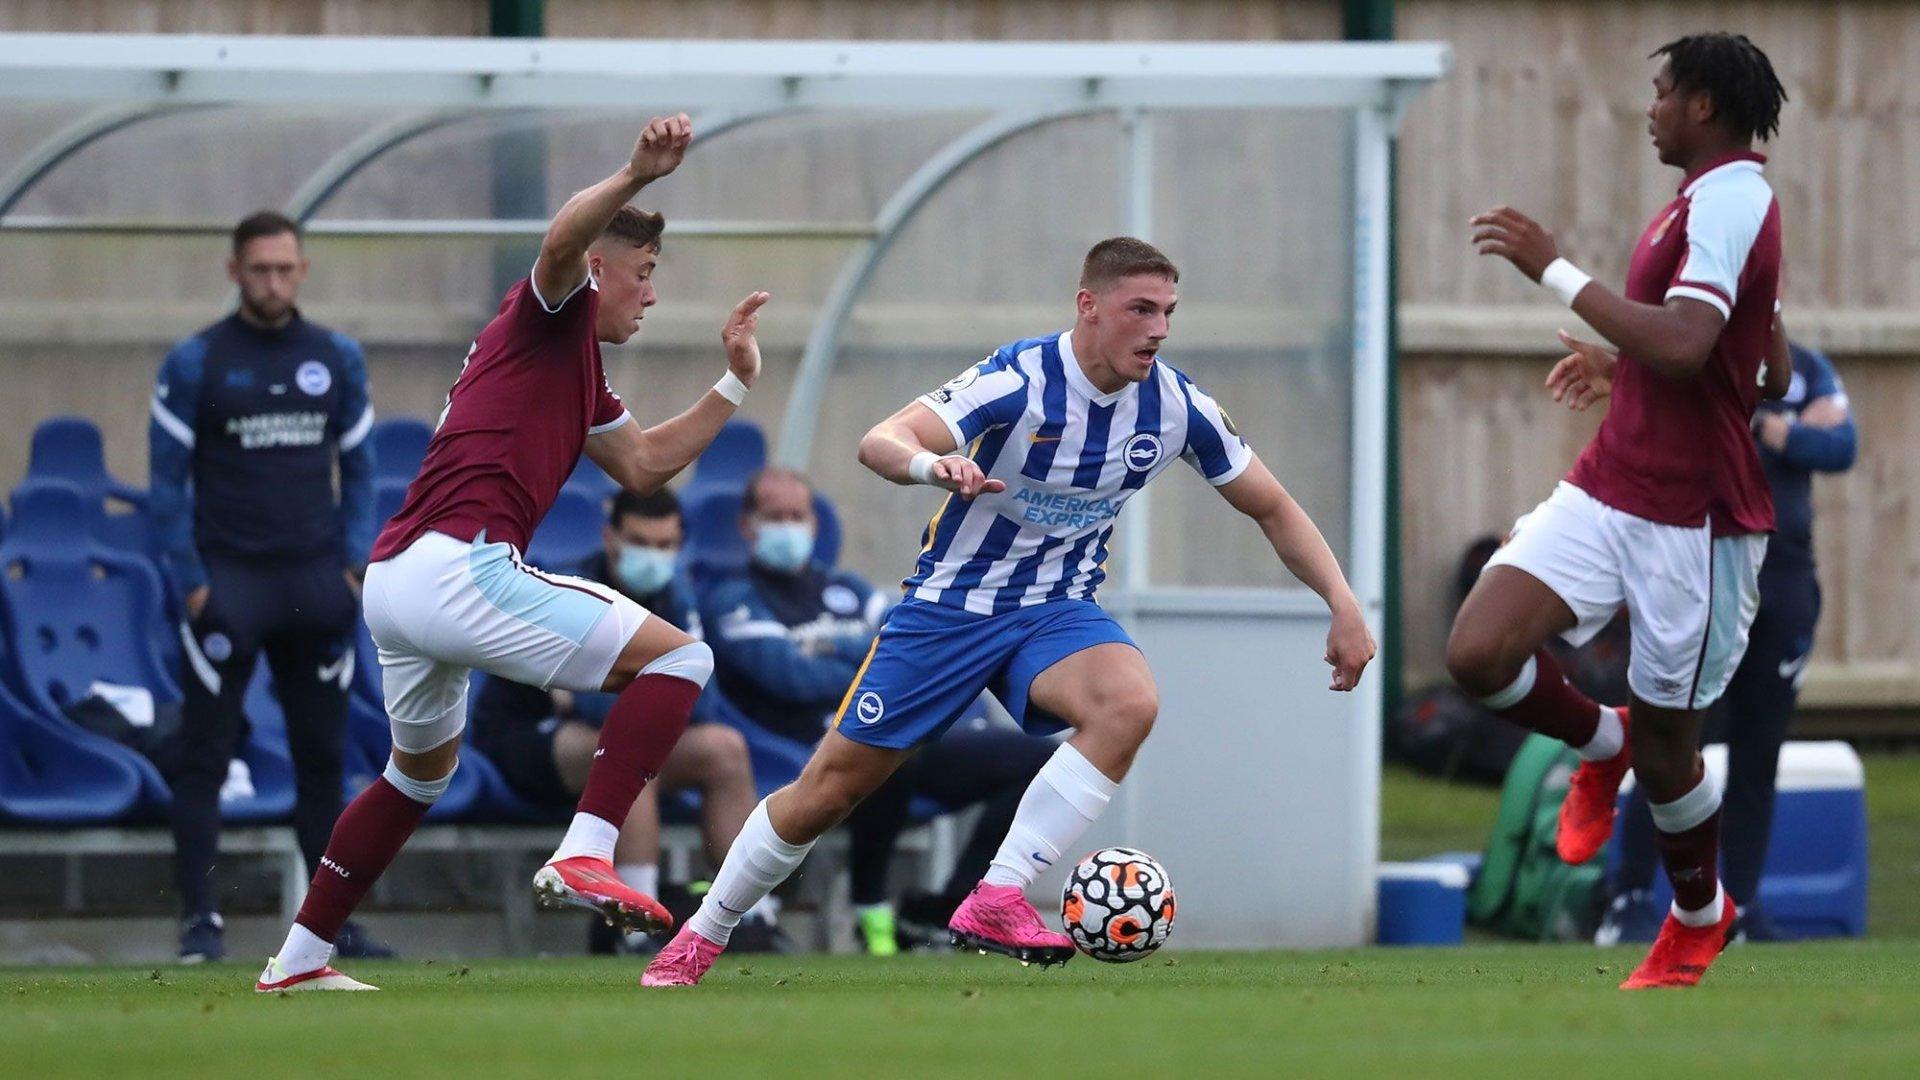 Ballon au pied, Lorent Tolaj sème la panique dans la défense de West Ham United.